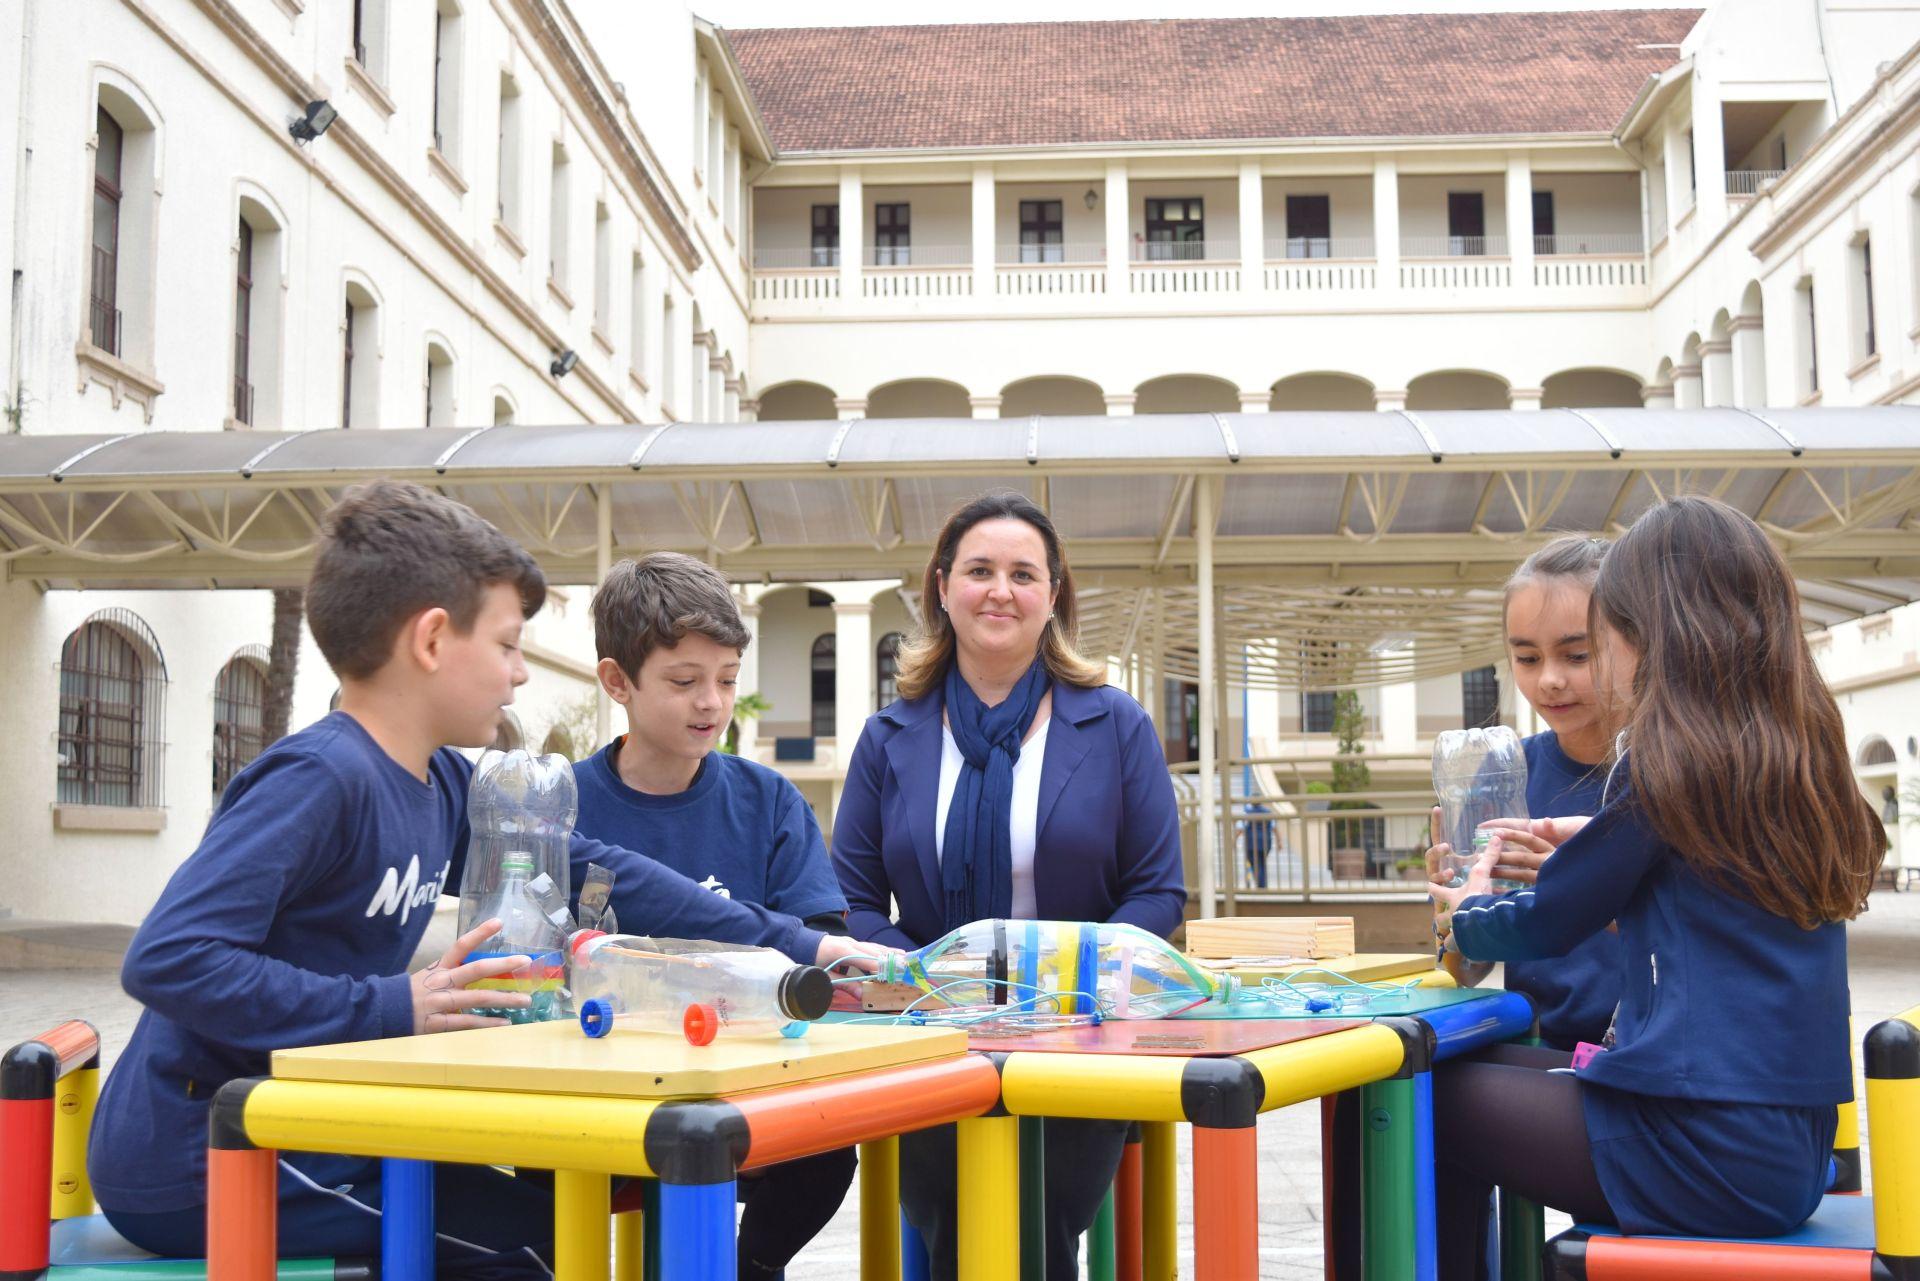 As crianças do colégio descobriram que fazer os próprios joguinhos também ajudava a tirar os amiguinhos do isolamento do smartphone. Foto: Guilherme Grandi/Gazeta do Povo.